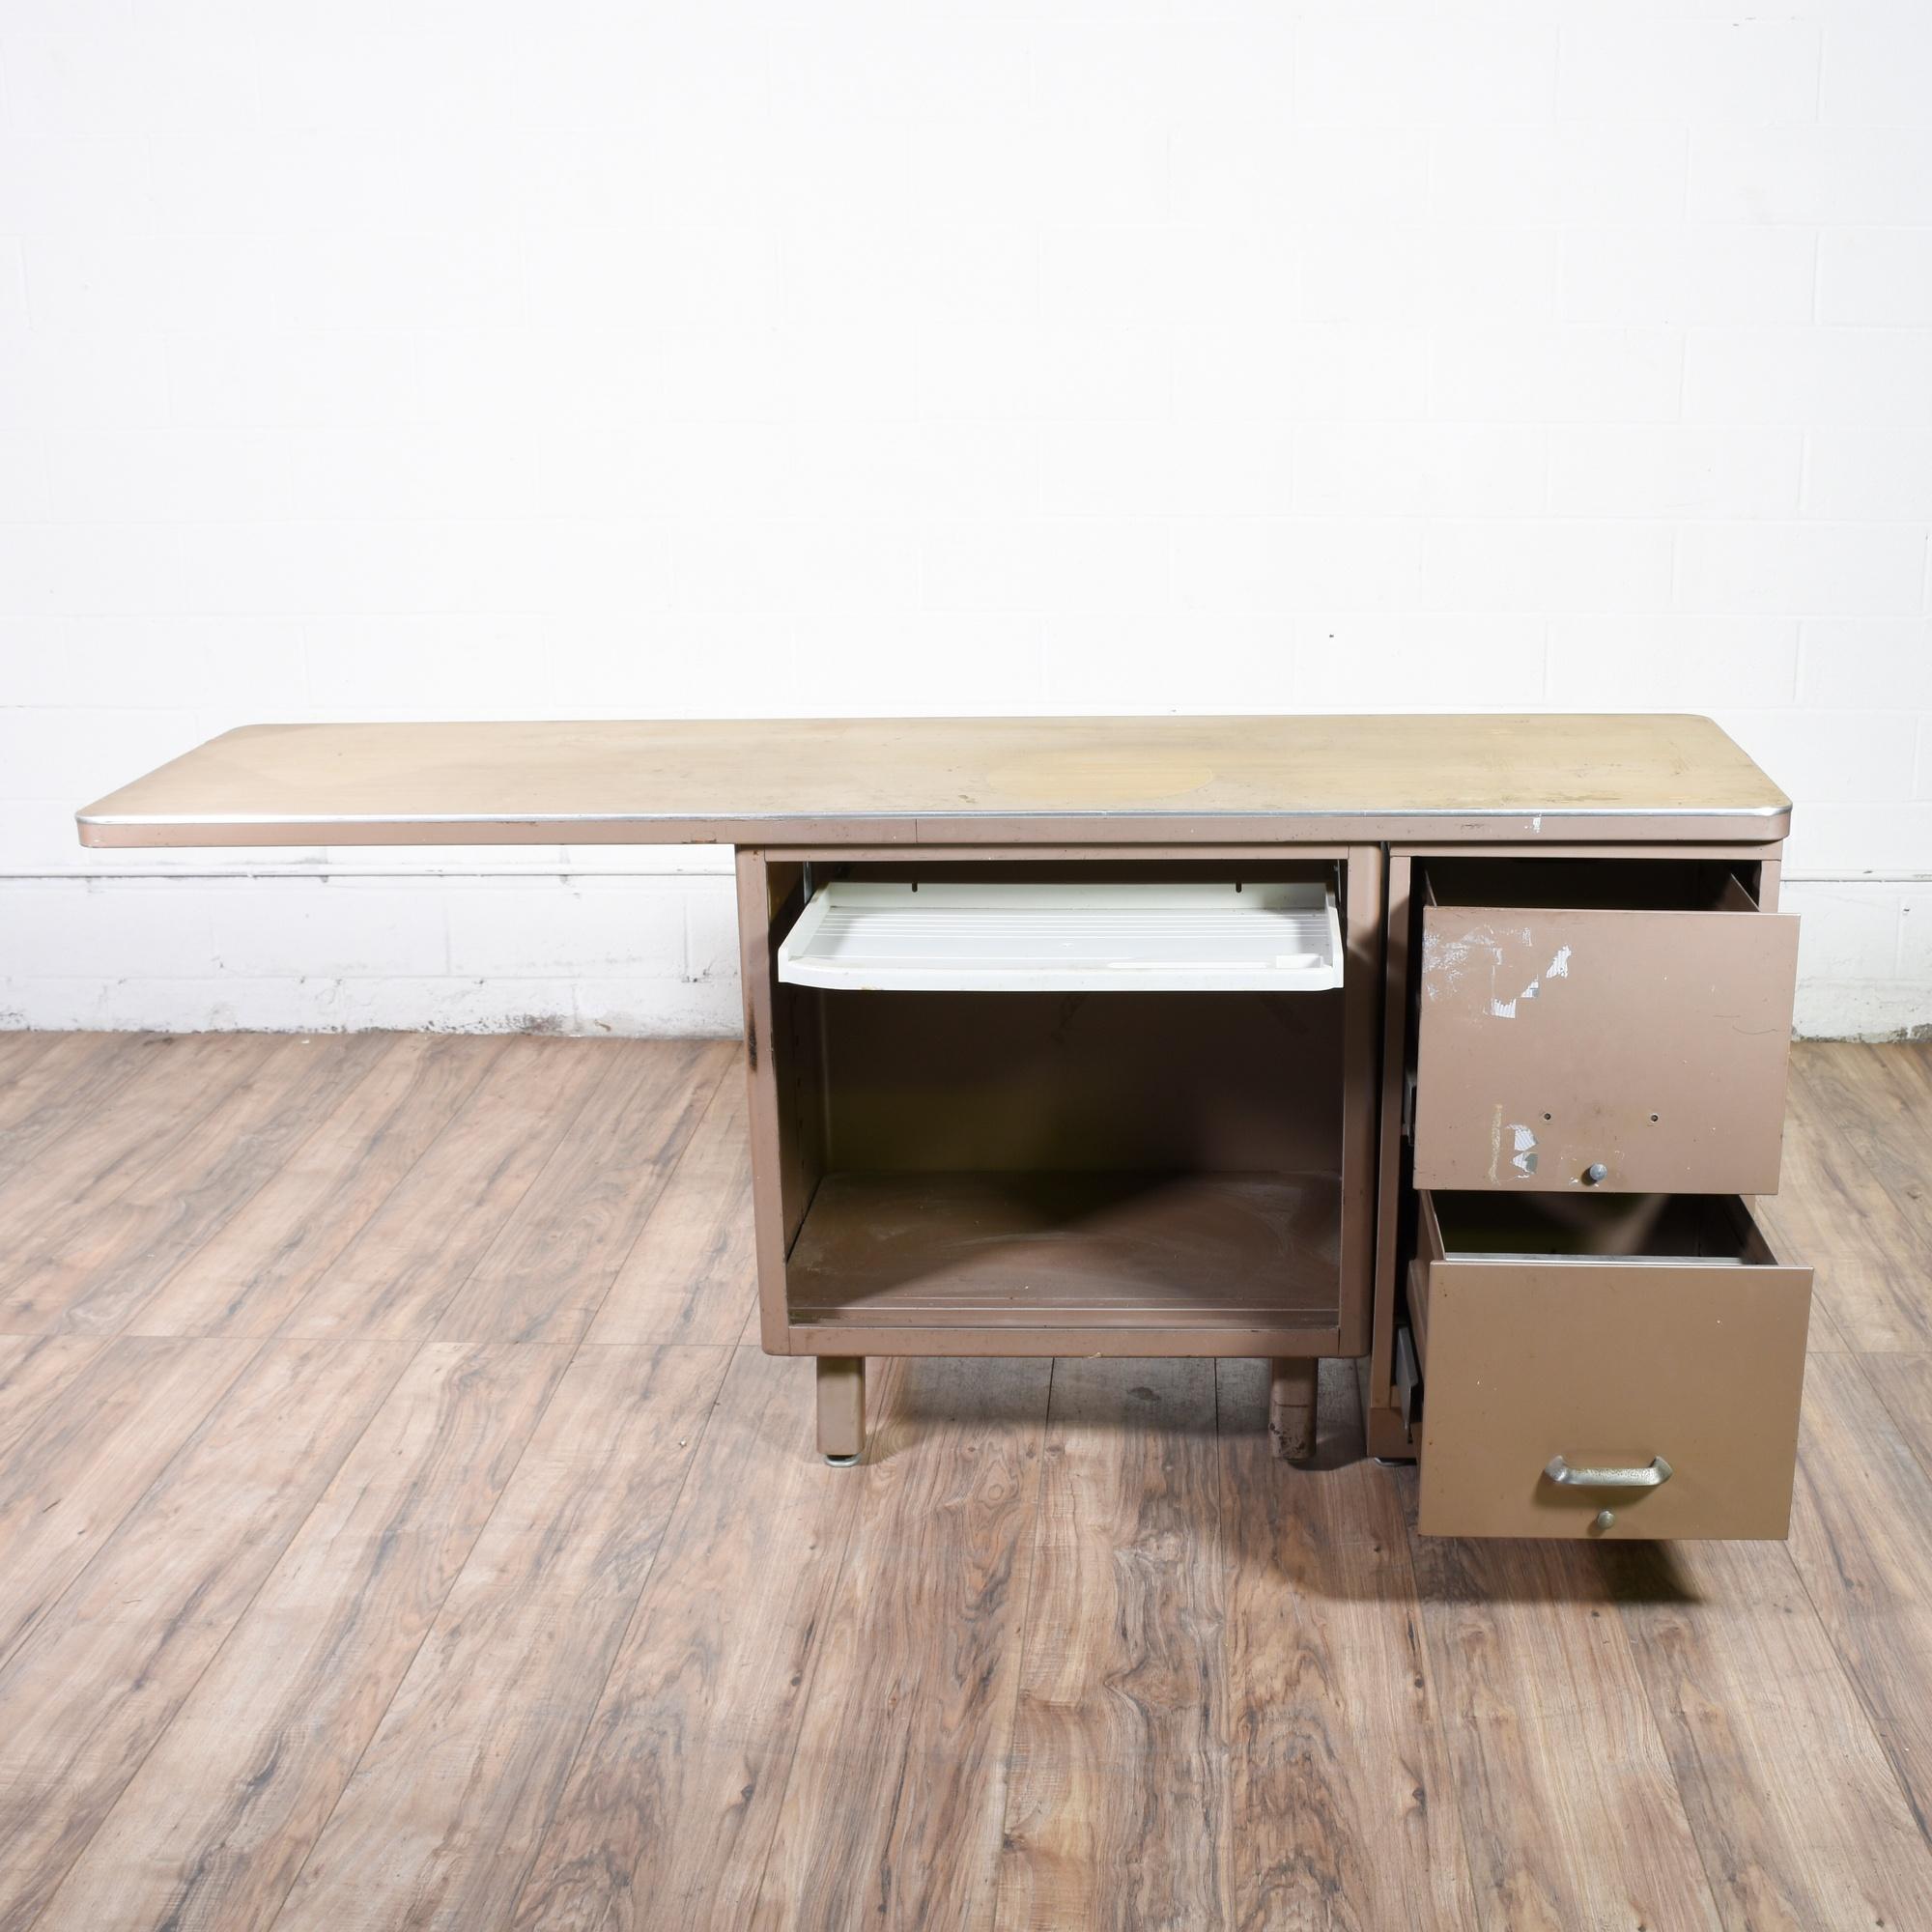 large industrial metal desk loveseat vintage furniture san diego los angeles. Black Bedroom Furniture Sets. Home Design Ideas